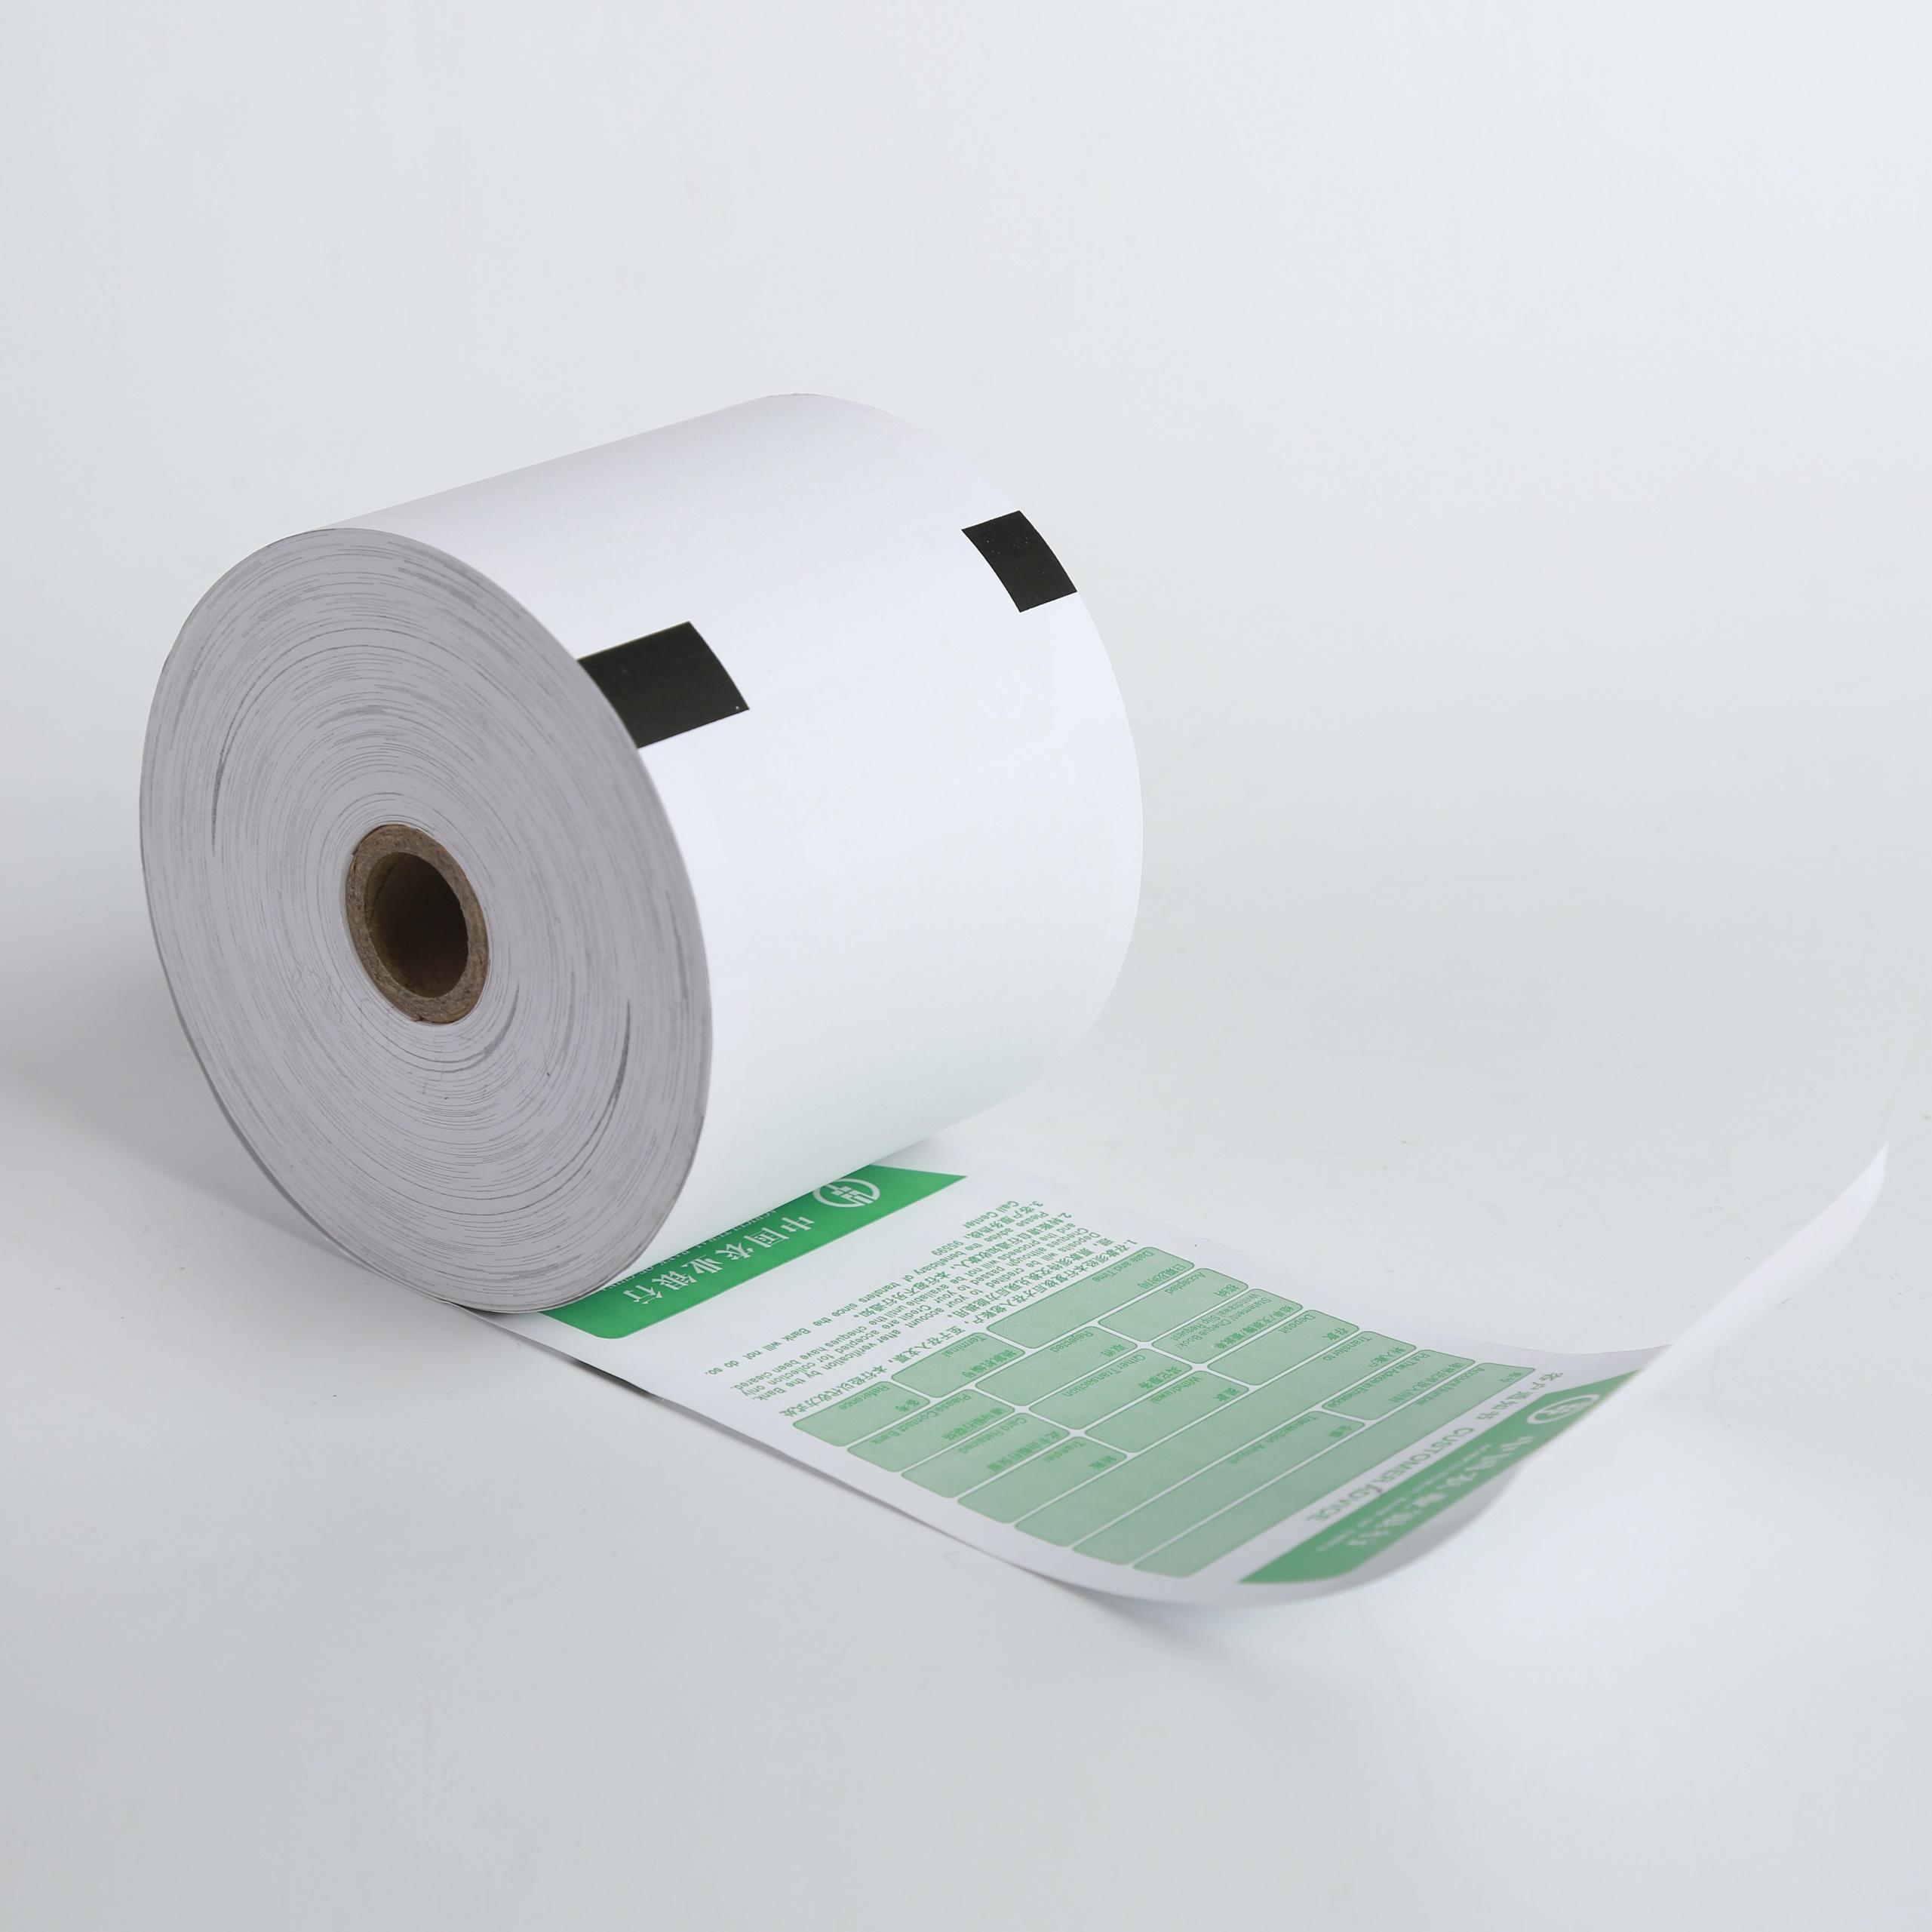 热敏打印纸质量不好,热敏打印机一直出纸怎么办